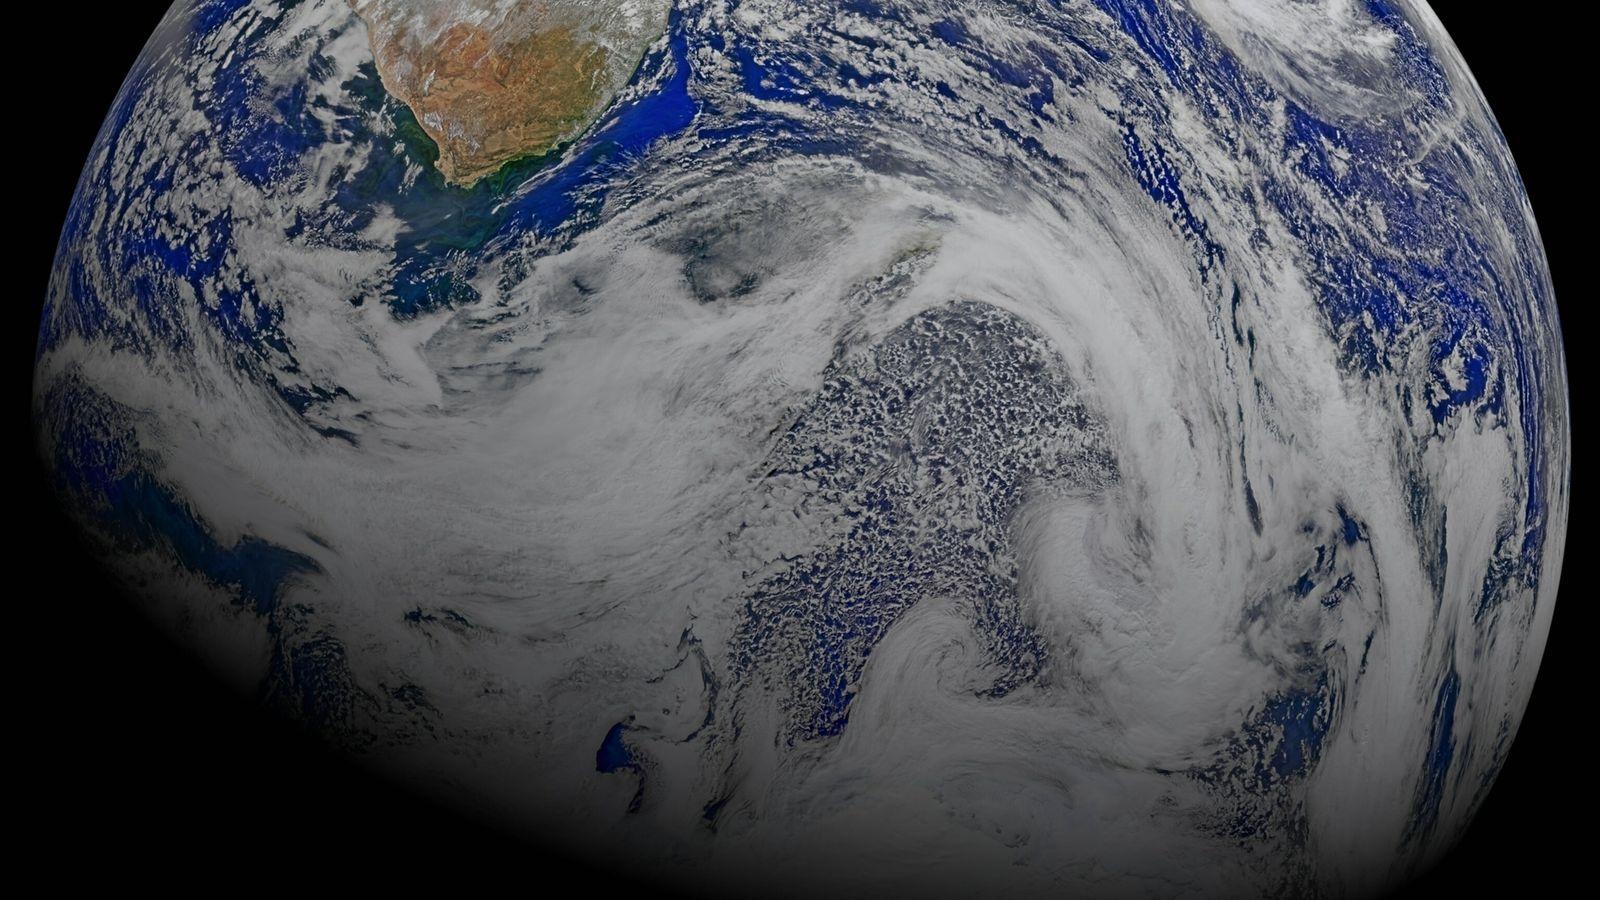 Klimamodelle, die die zukünftige Erderwärmung voraussagen und Naturkatastrophen in direkten Zusammenhang mit dem Klimawandel stellen, stießen ...